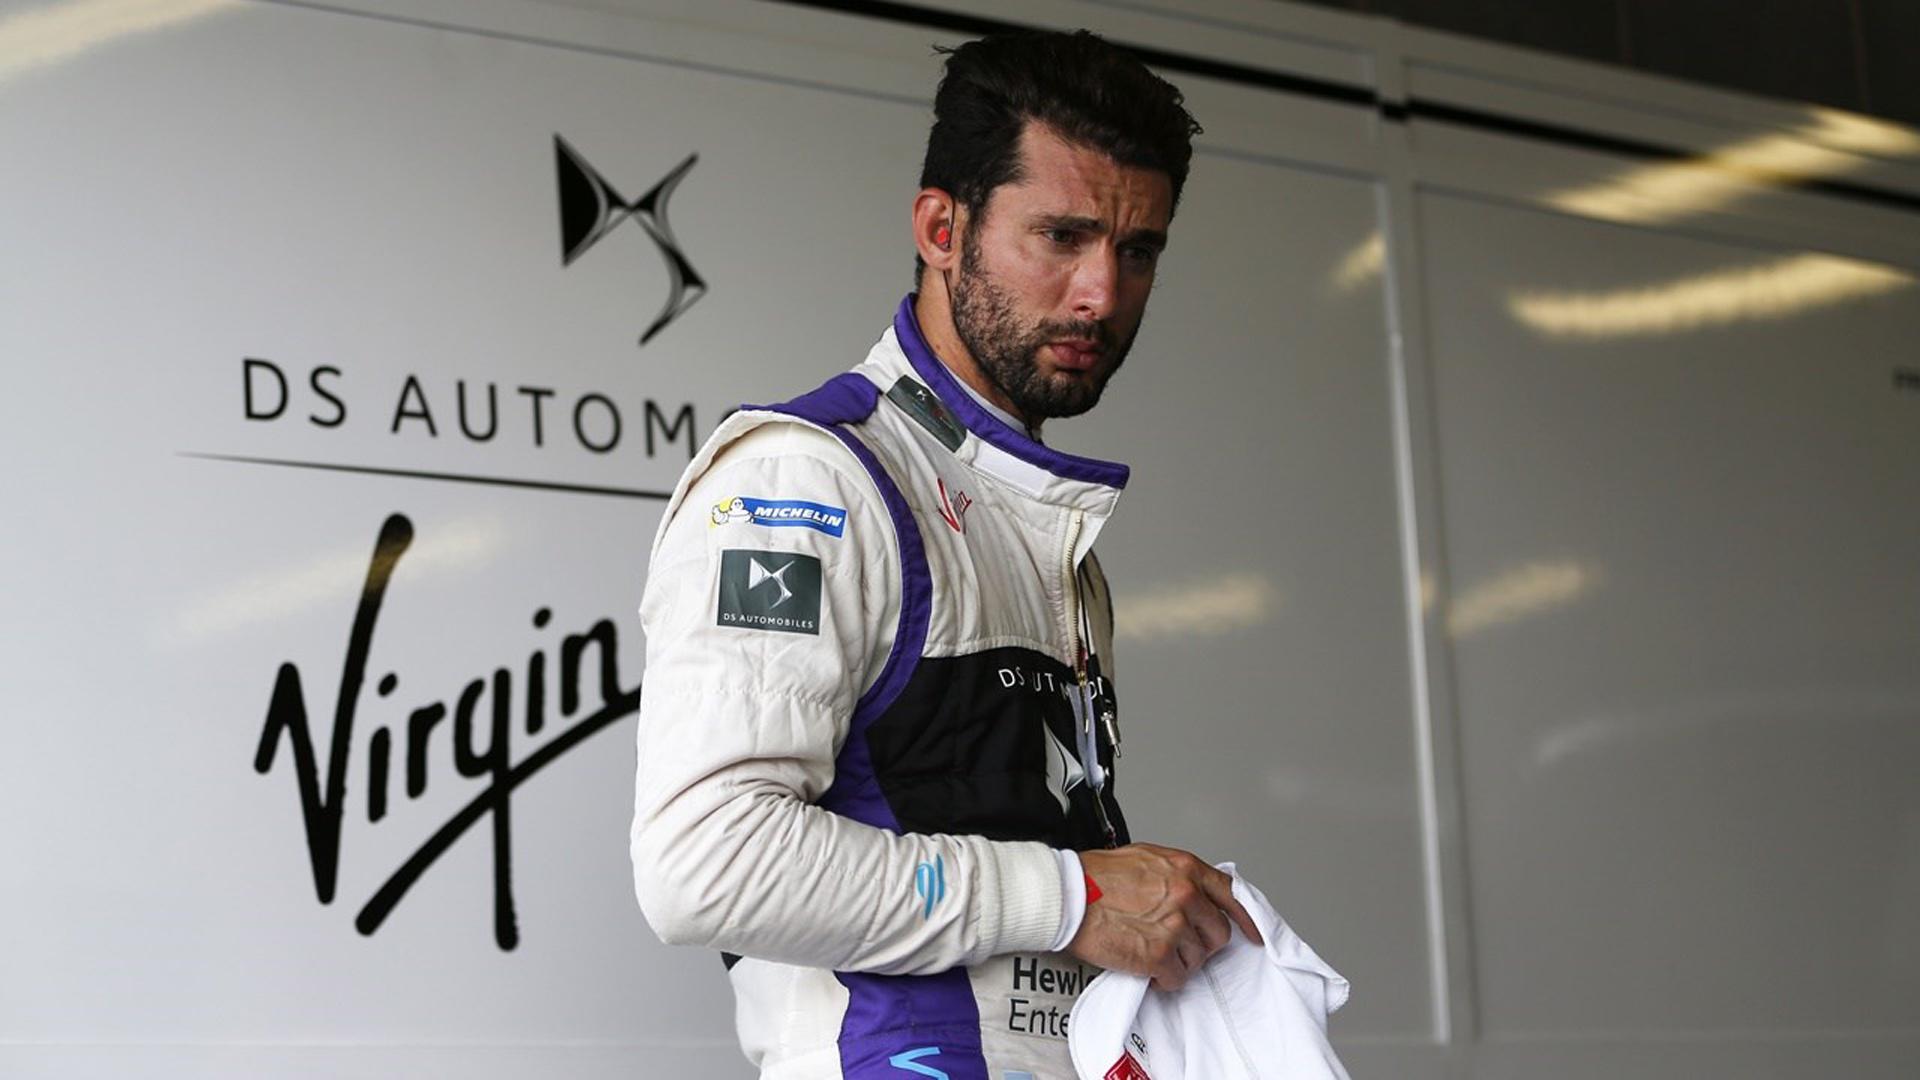 José María Pechito López es el único corredor argentino de la Fórmula E.